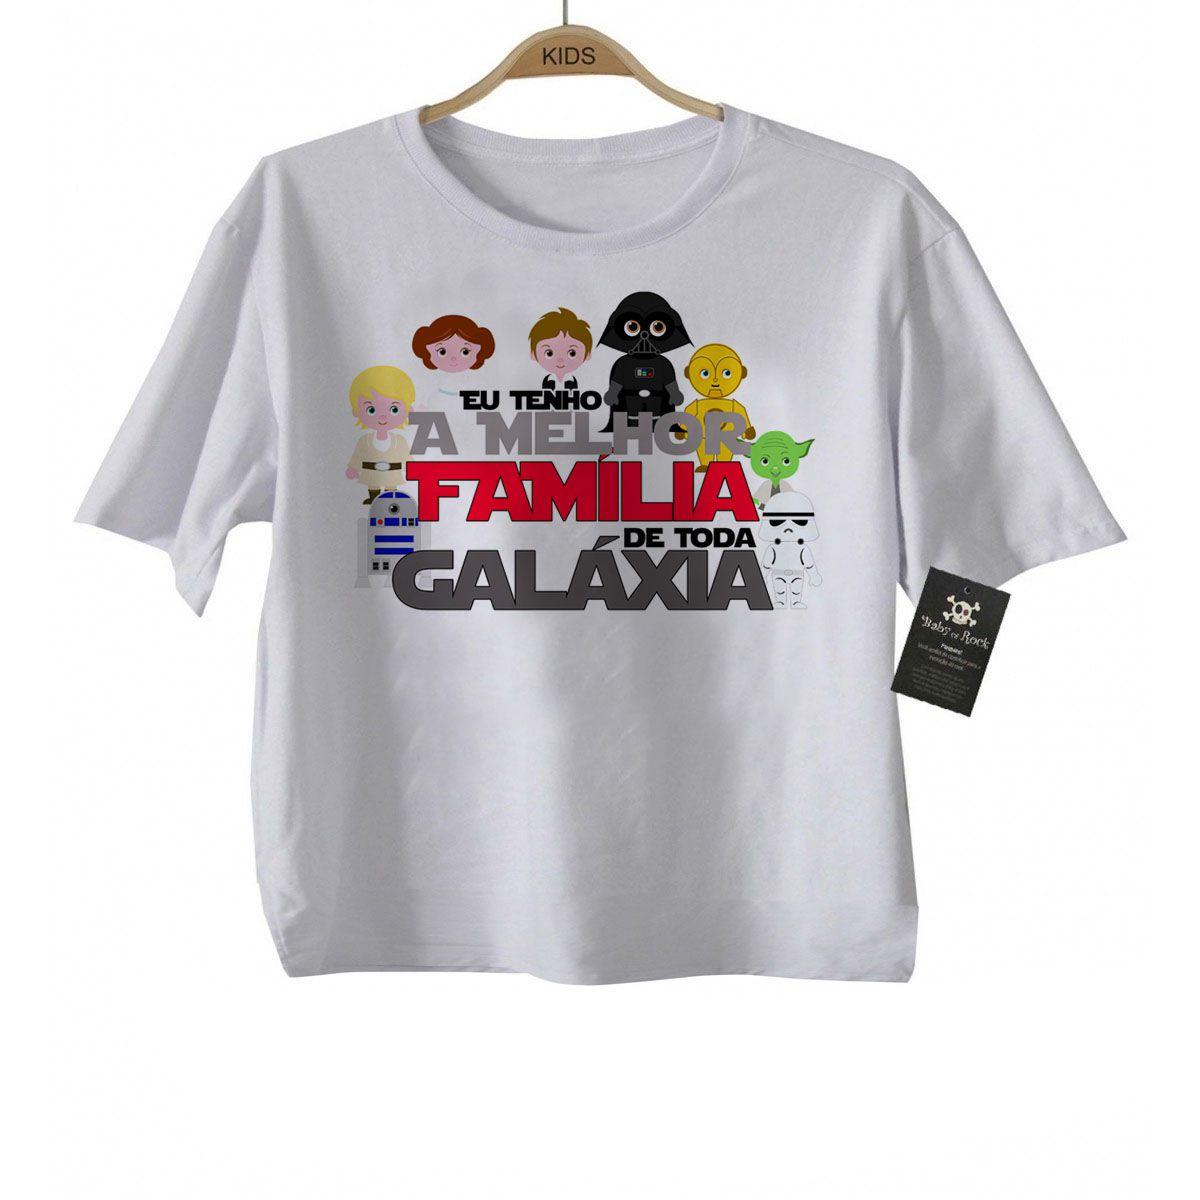 Camiseta Infantil eu Tenho a melhor Família de Toda Galáxia - White  - Baby Monster S/A